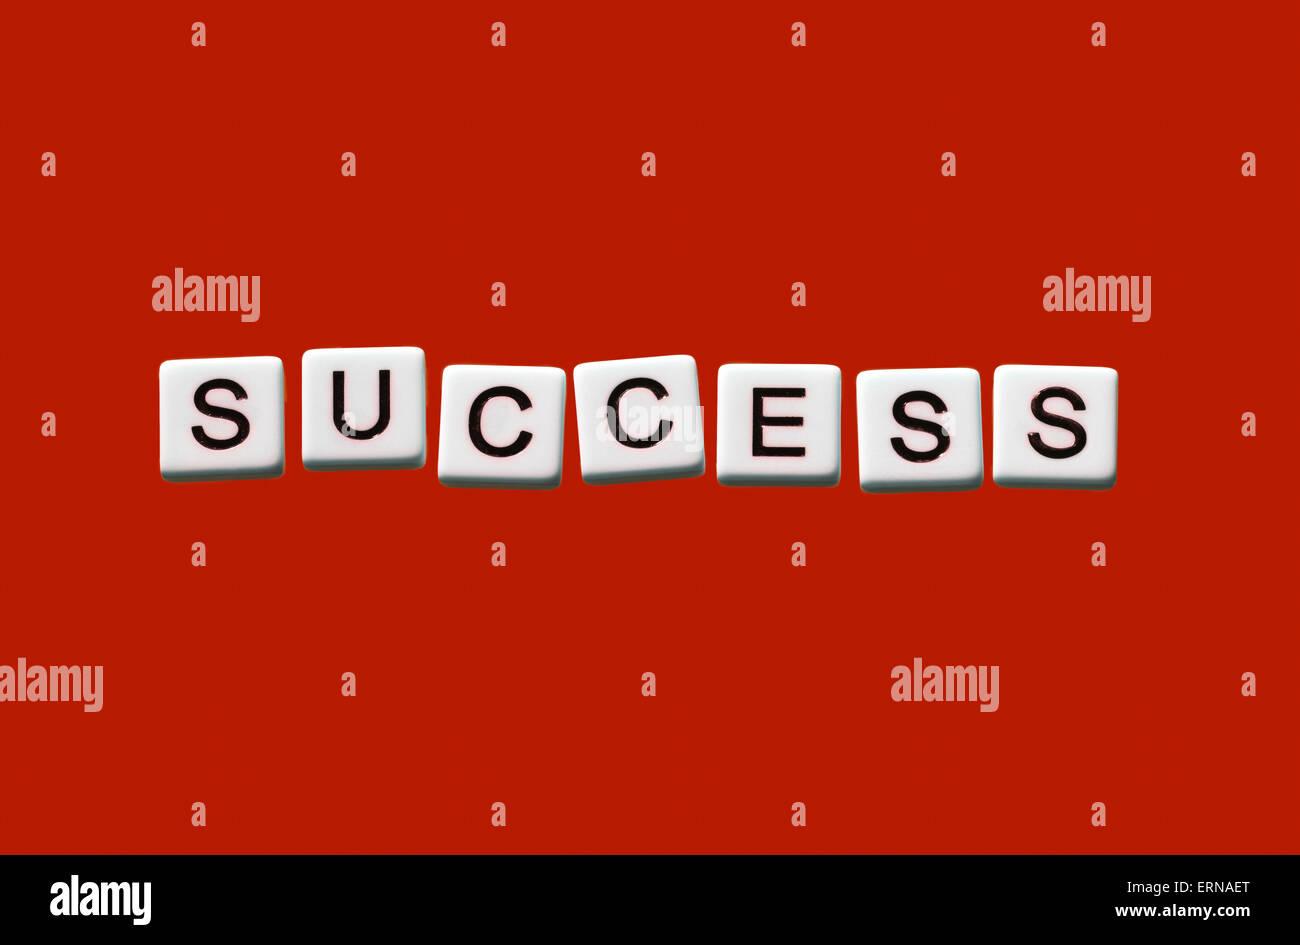 Erfolg auf weißen Blöcke hervorgehoben Stockbild